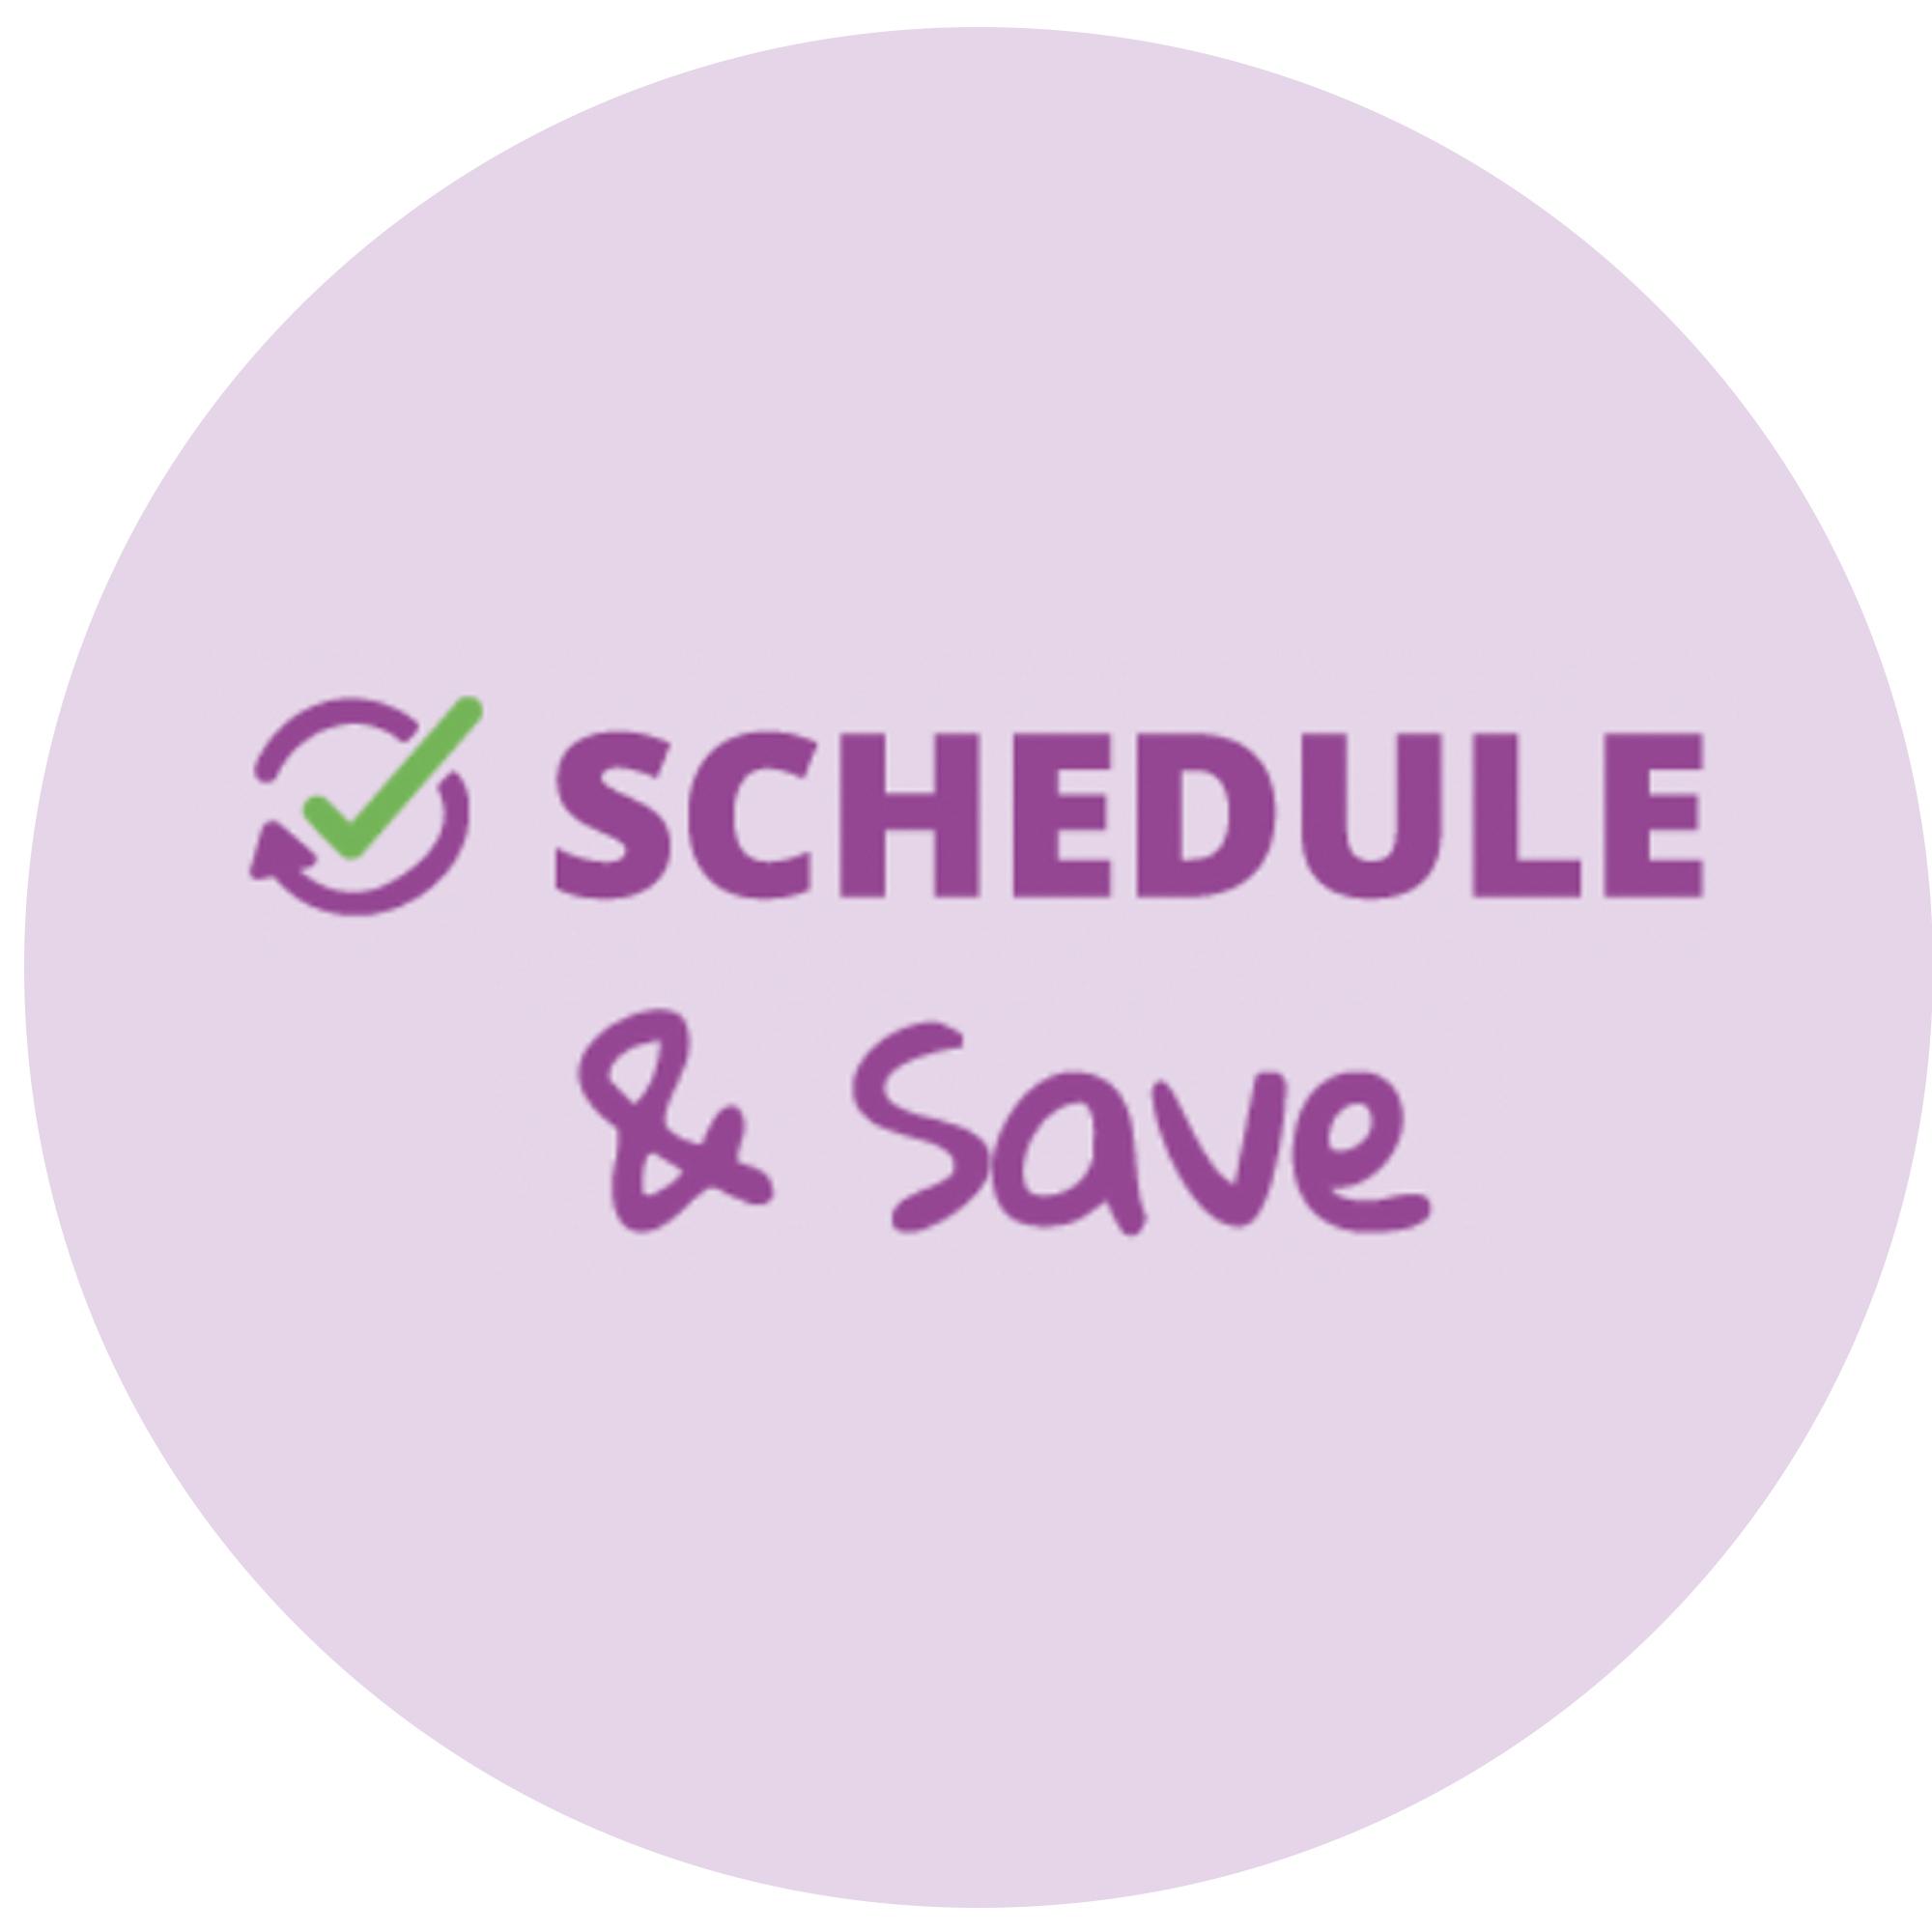 Schedule & Save